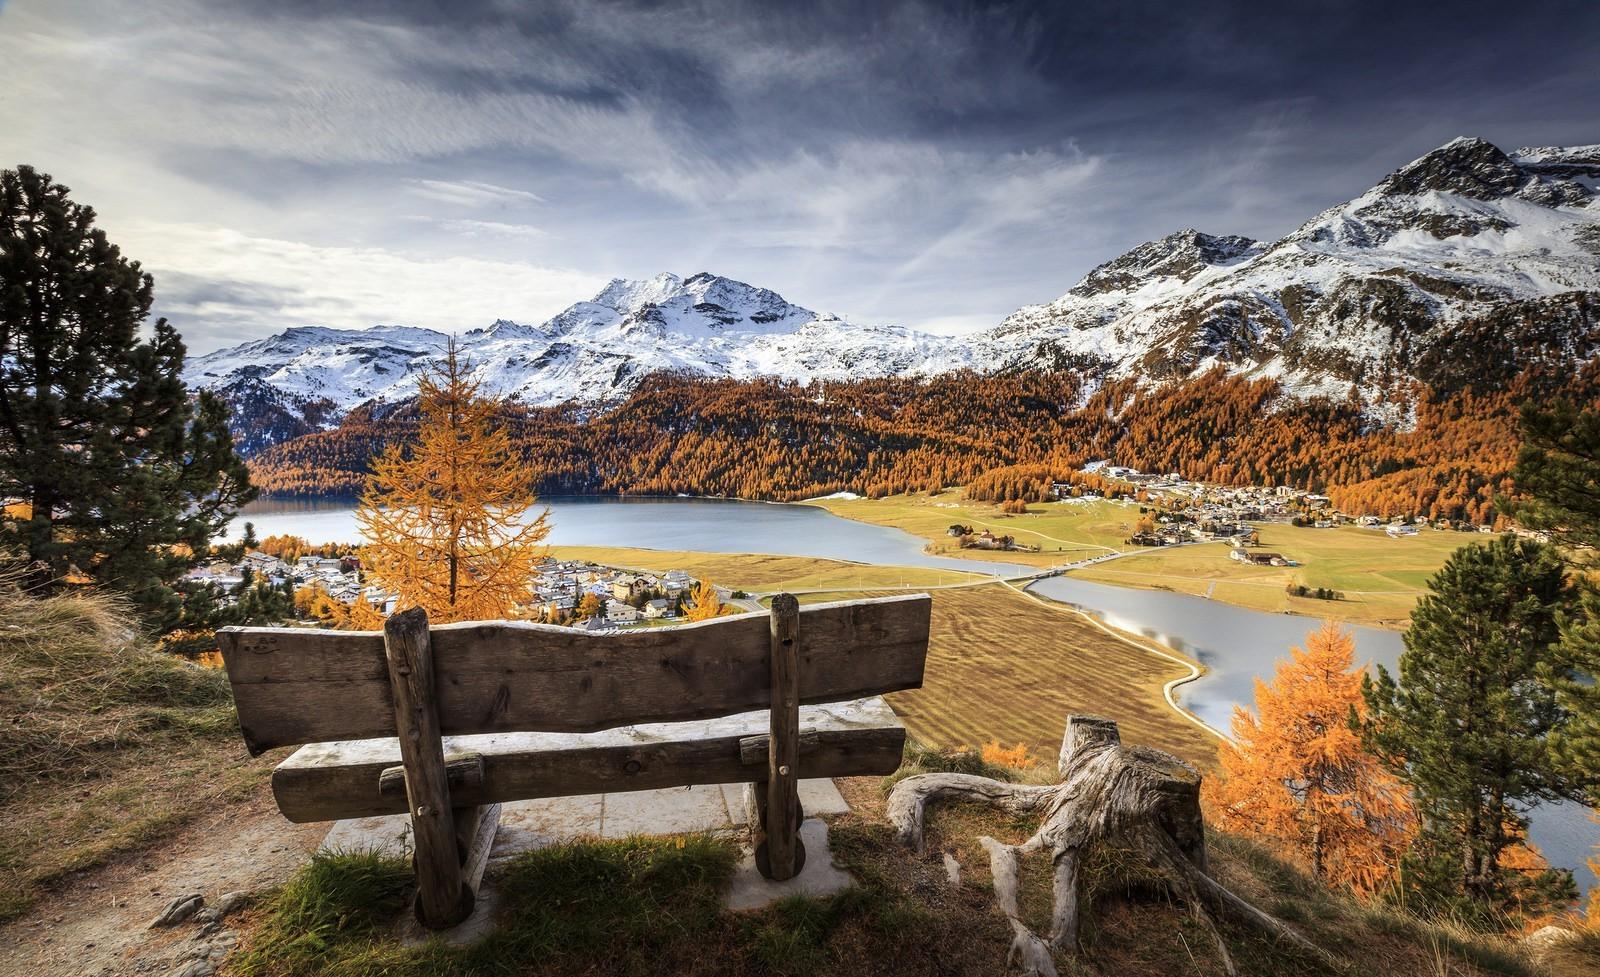 Fond d'écran : paysage, Lac, la nature, neige, hiver, banc, vallée, région sauvage, Alpes, arbre ...